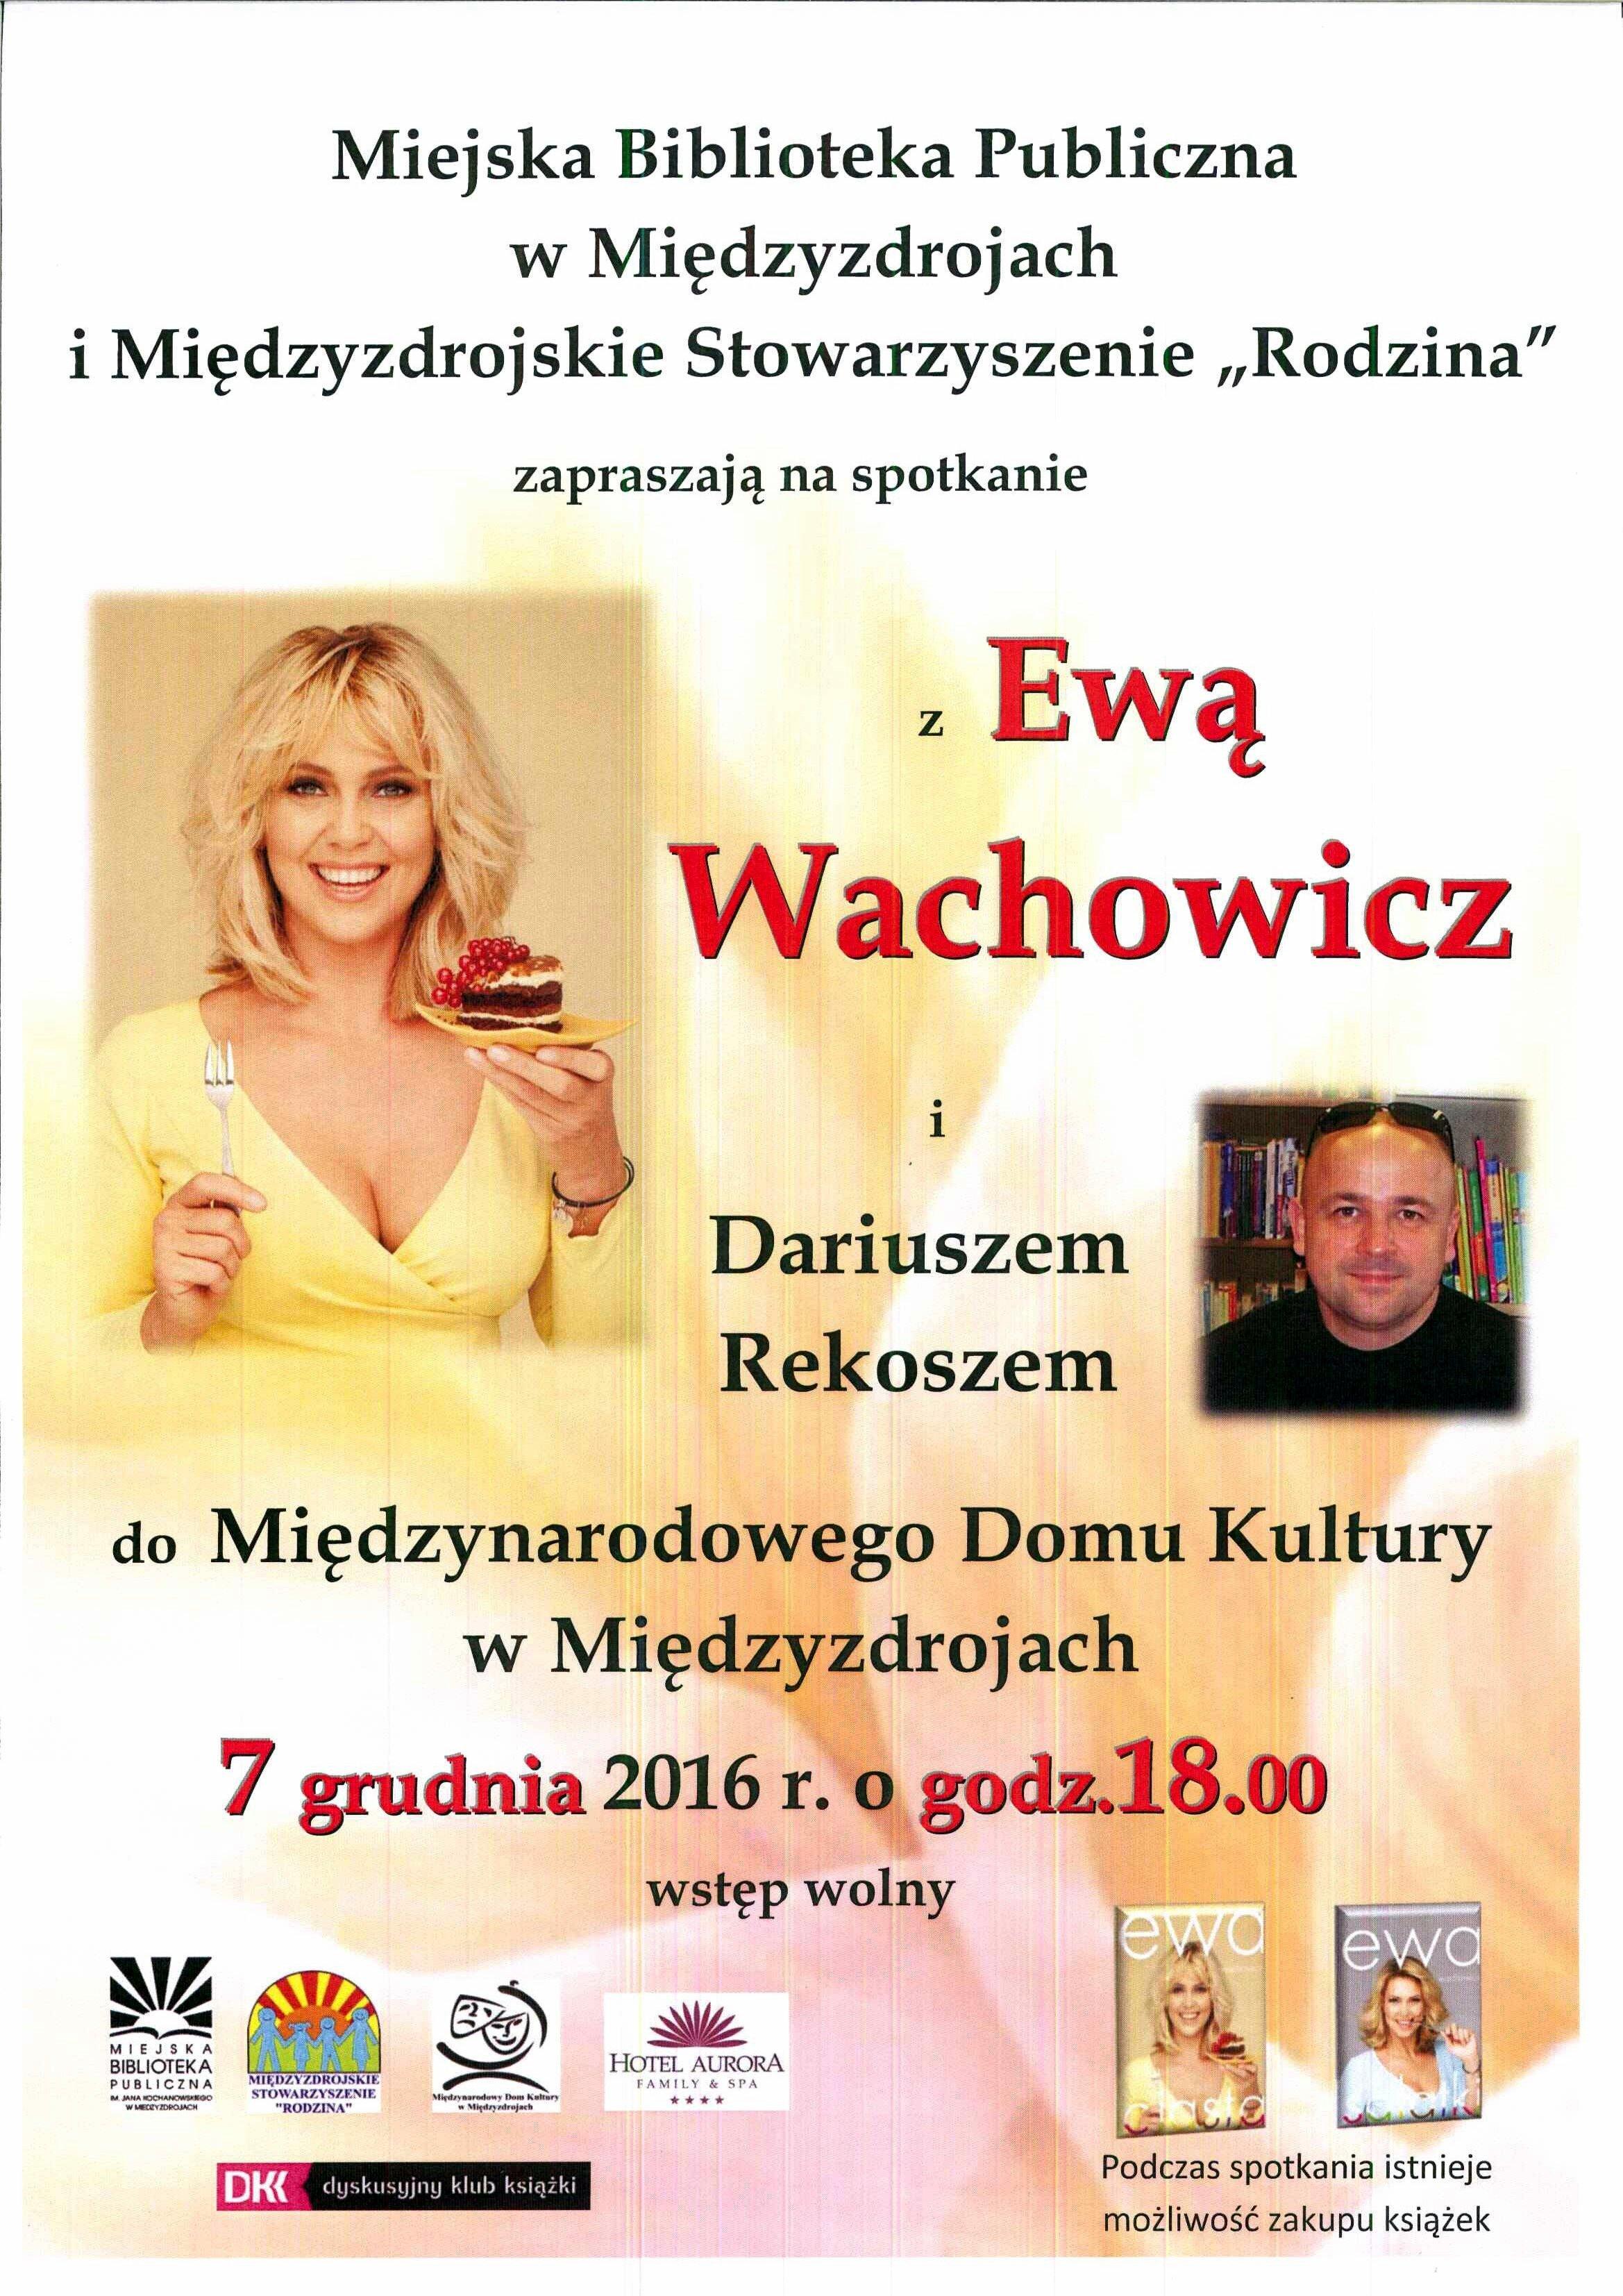 Spotkanie z Ewą Wachowicz